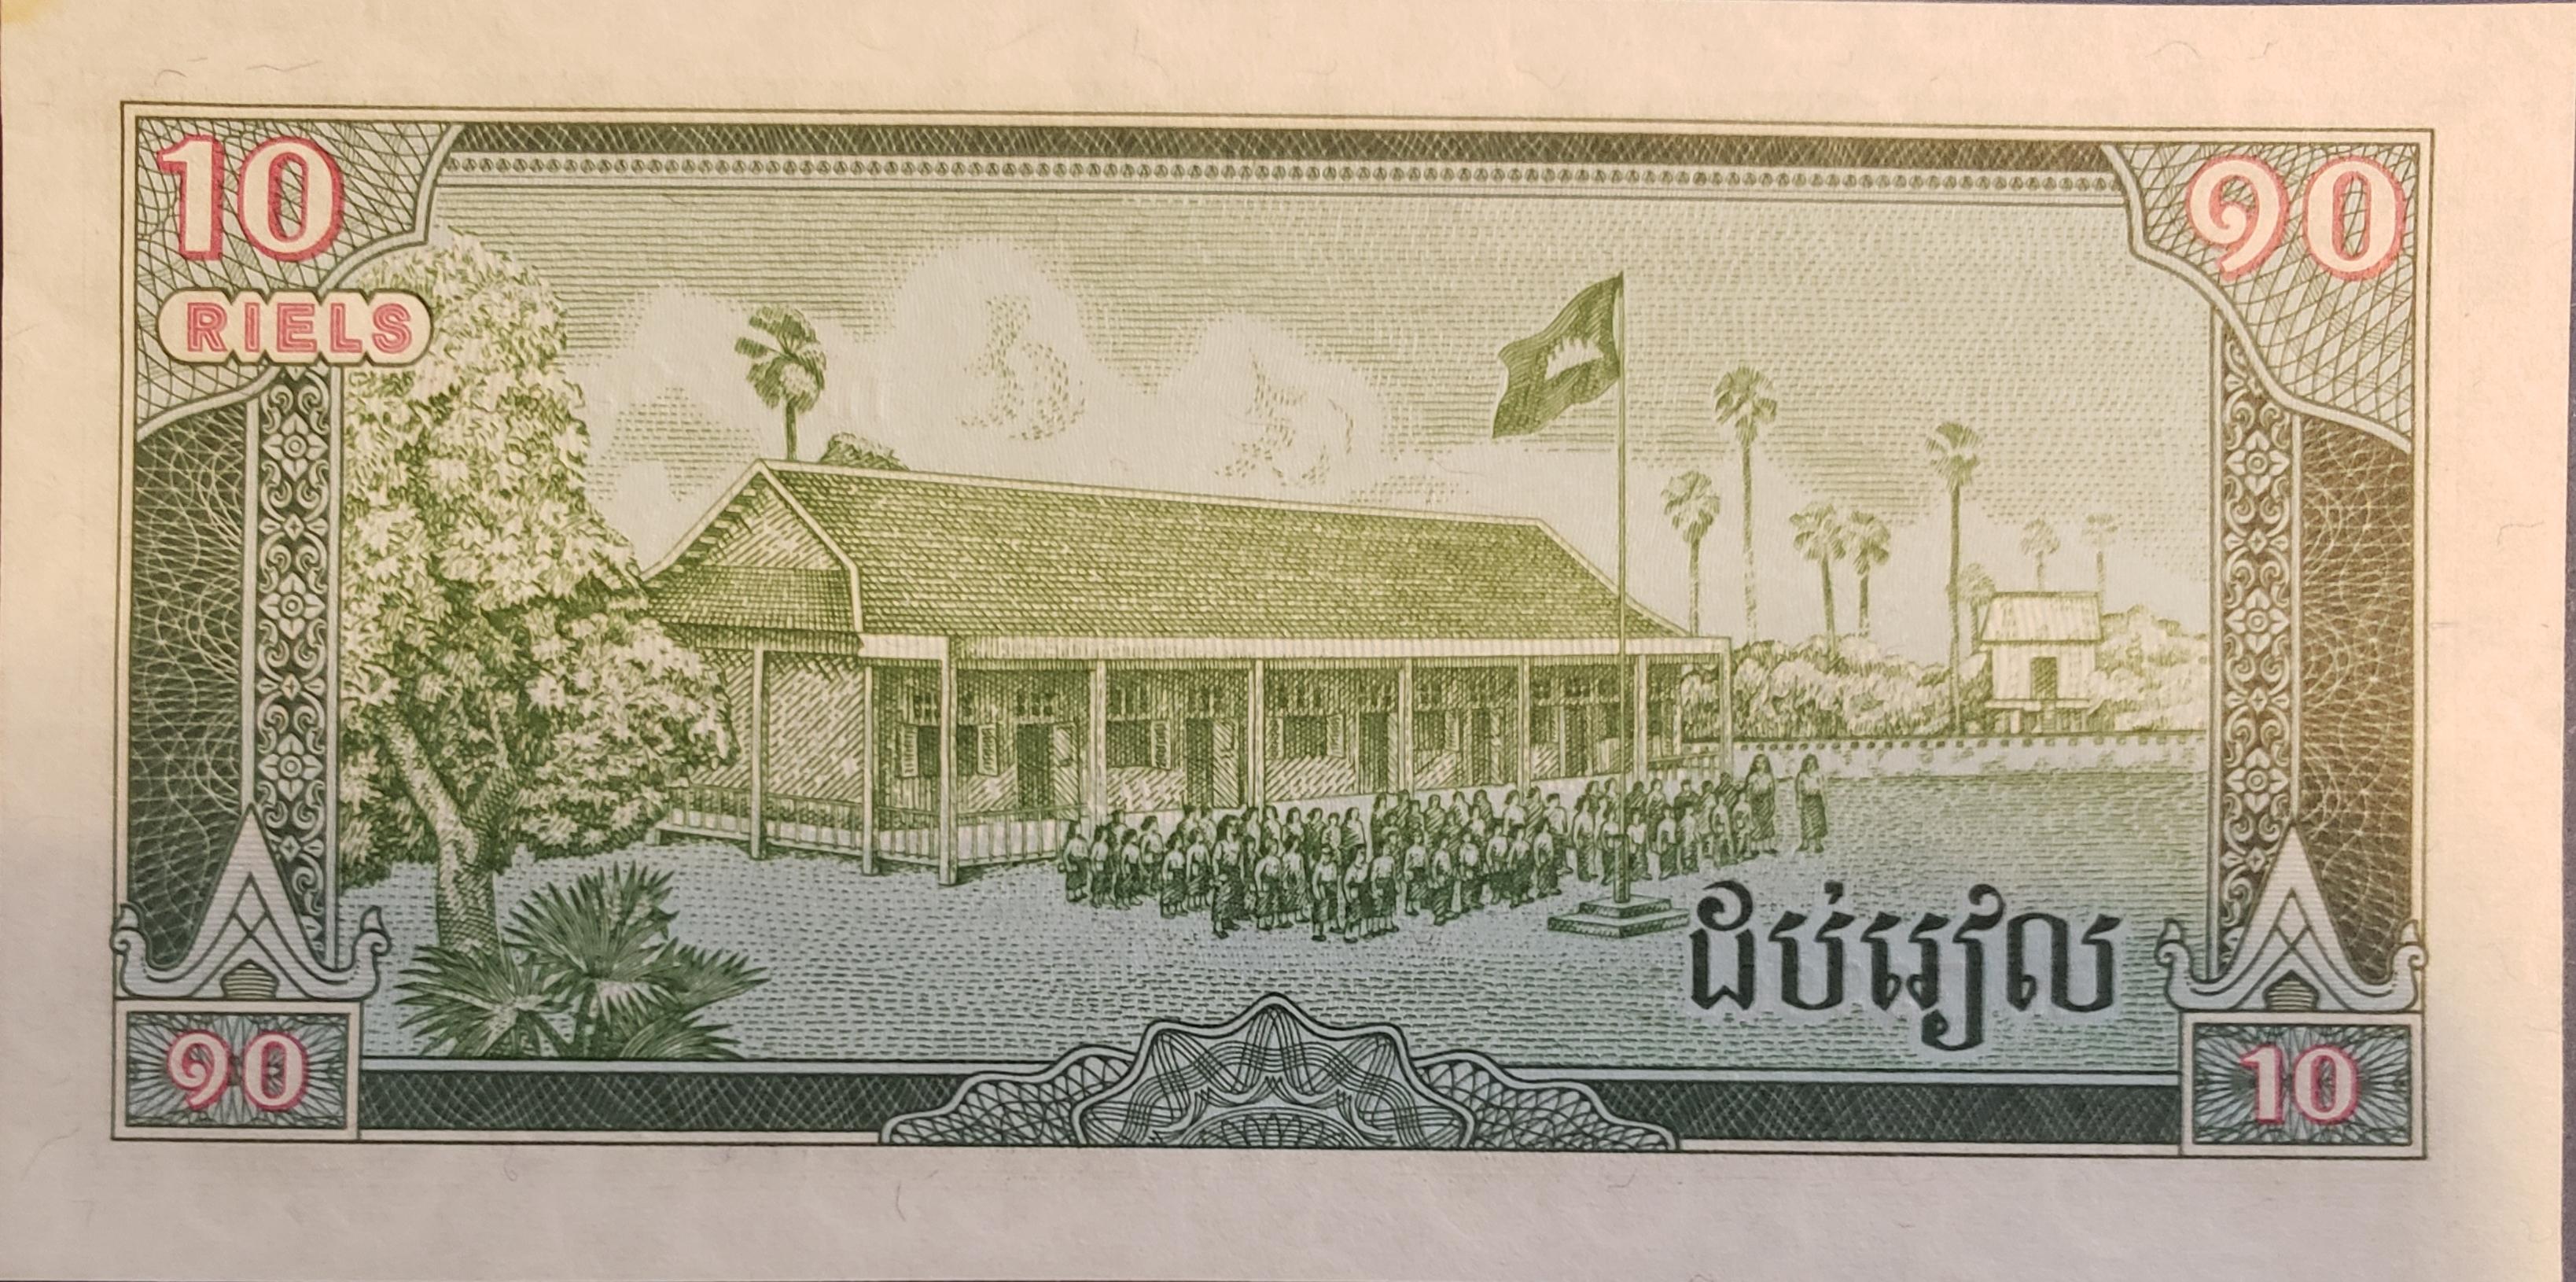 1987 UNC P-34 Cambodia 10 Riels